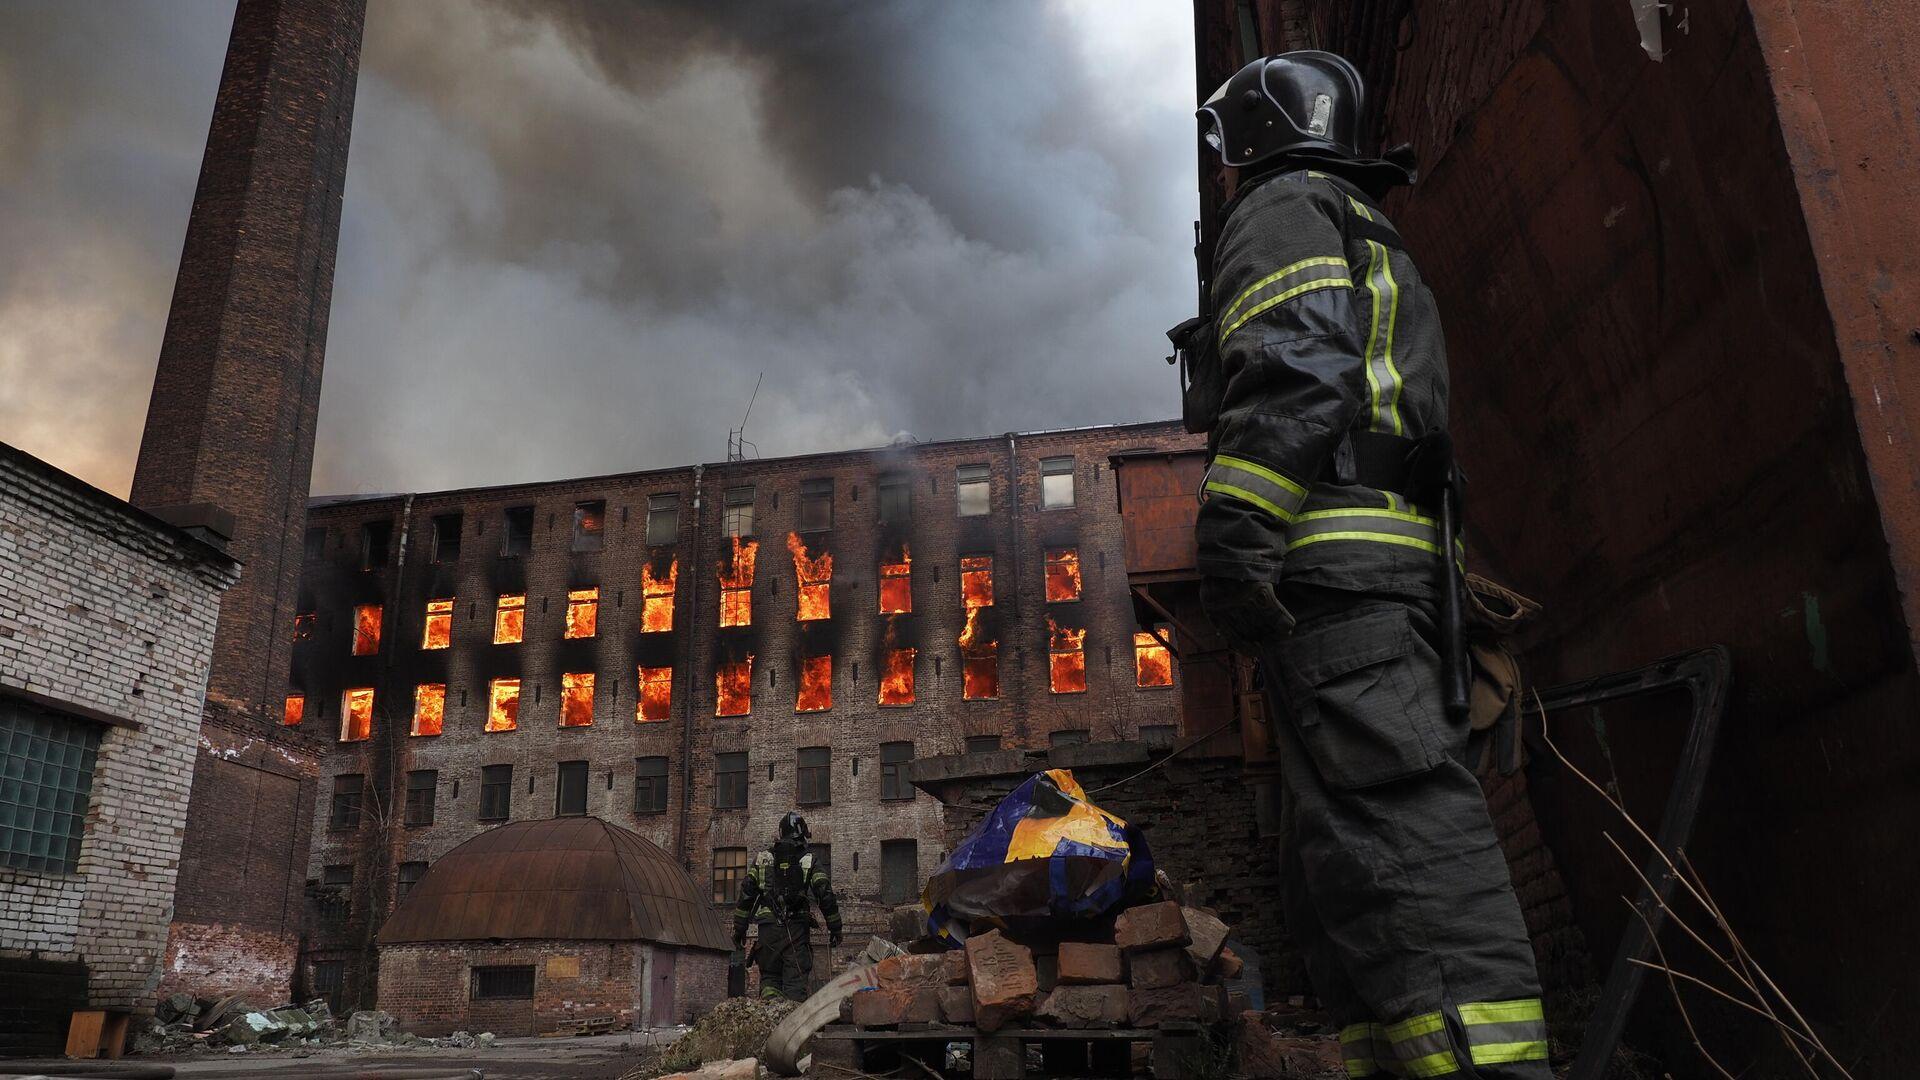 Пожар на фабрике Невская мануфактура - РИА Новости, 1920, 14.04.2021